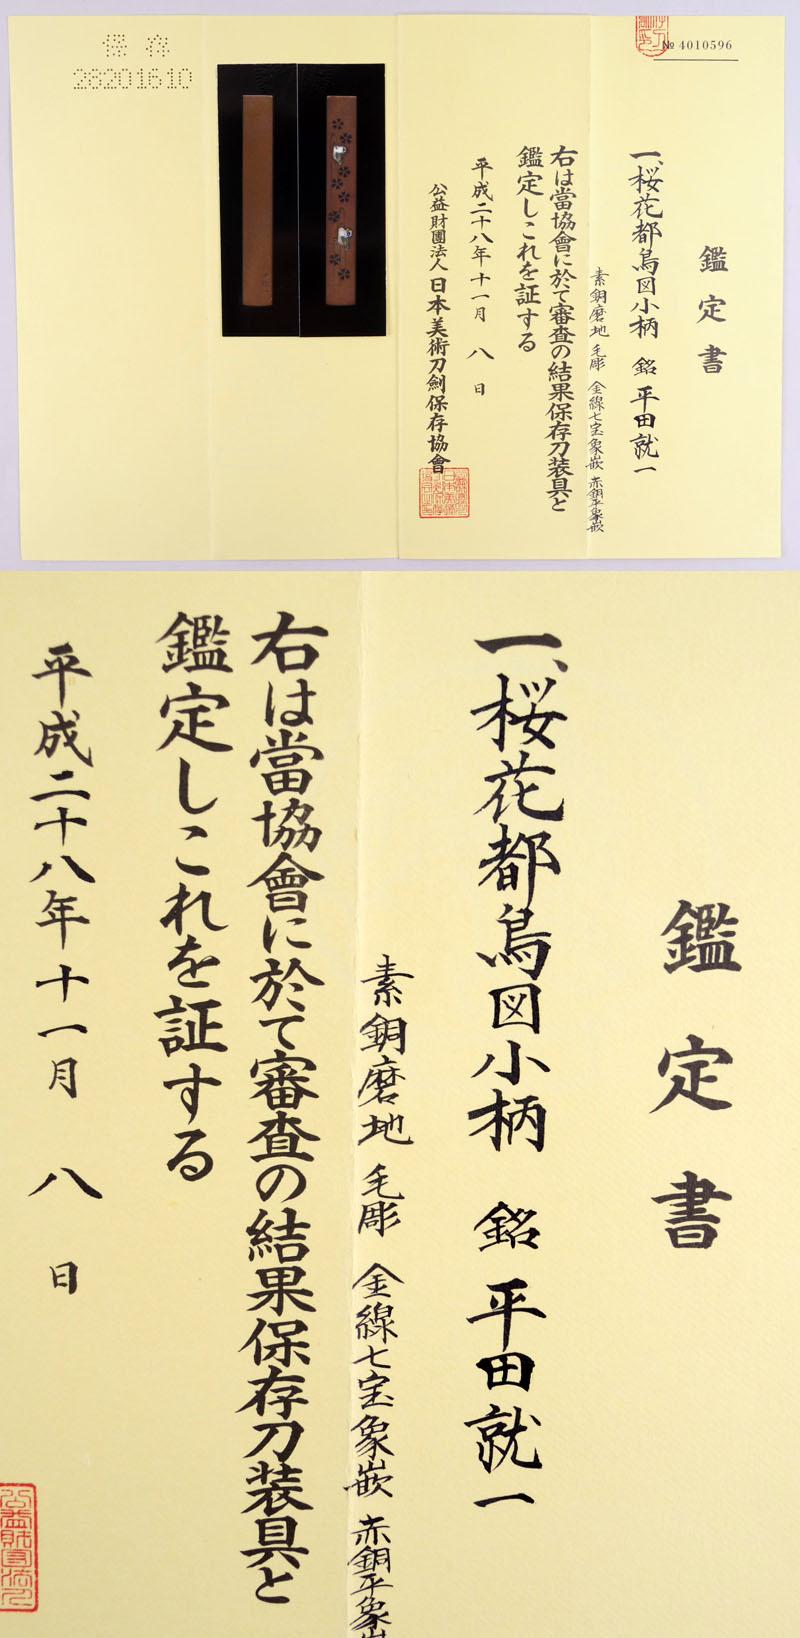 桜花都鳥図小柄 平田就一 (平田七宝) Picture of Certificate